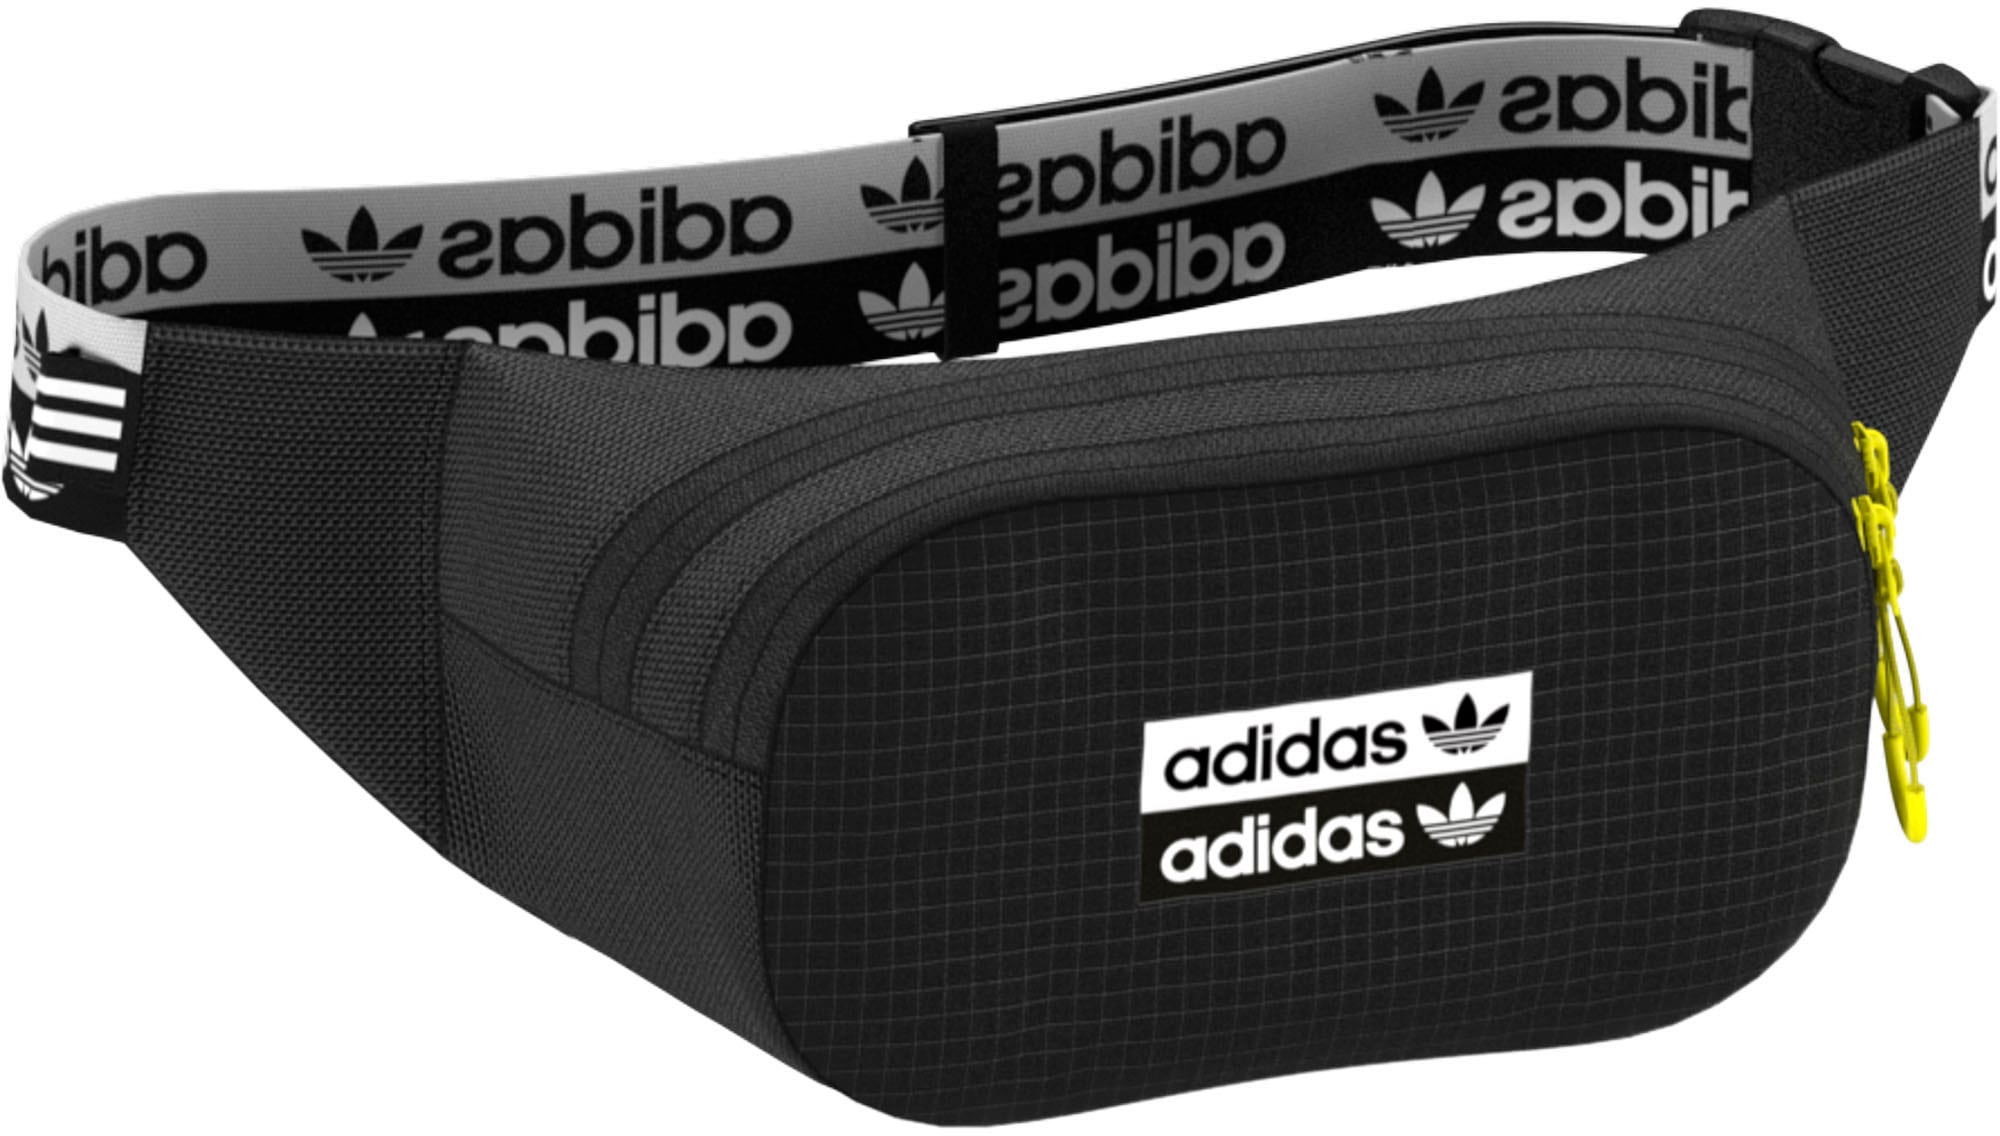 adidas Originals Gürteltasche WAISTBAG schwarz Reisetaschen Reisegepäck Taschen Unisex